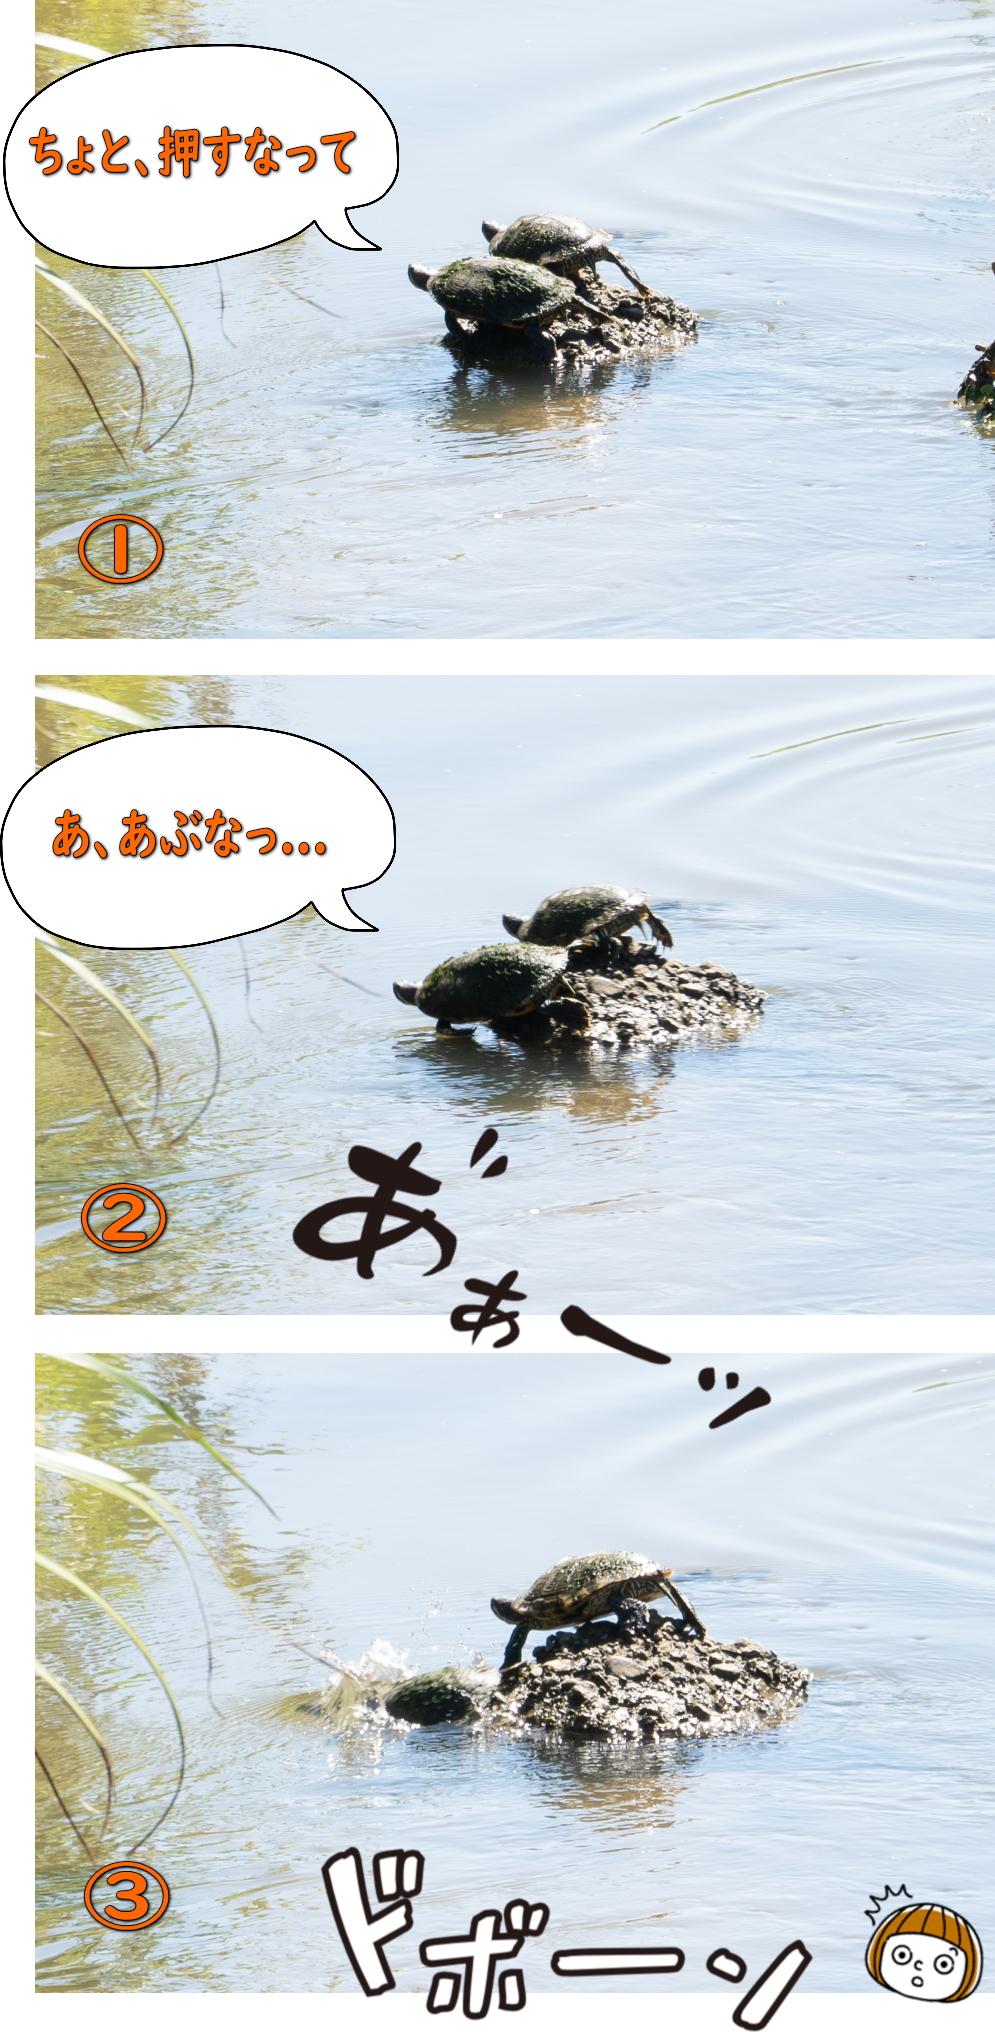 0910カメッラー様への礼拝 3コマ漫画風